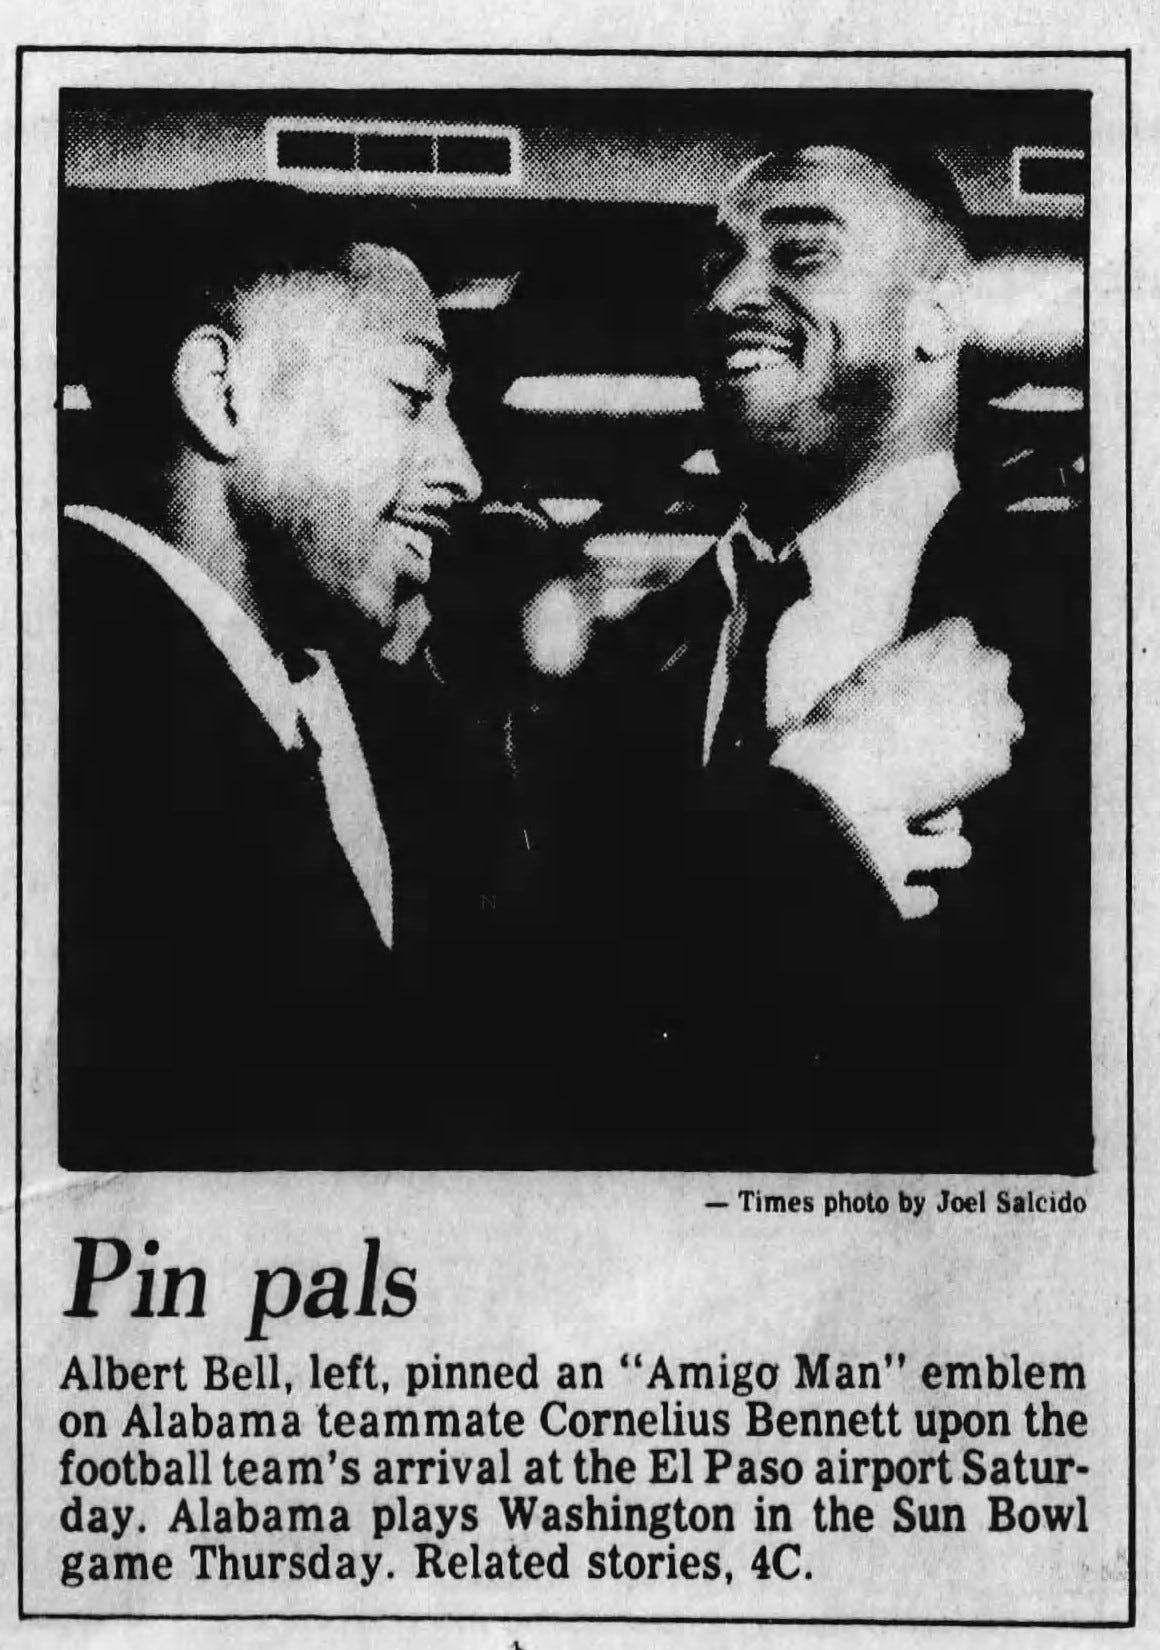 El Paso's sunny, smiling Amigo Man has defeated lizard, yucca challengers since 1976 | El Paso Times